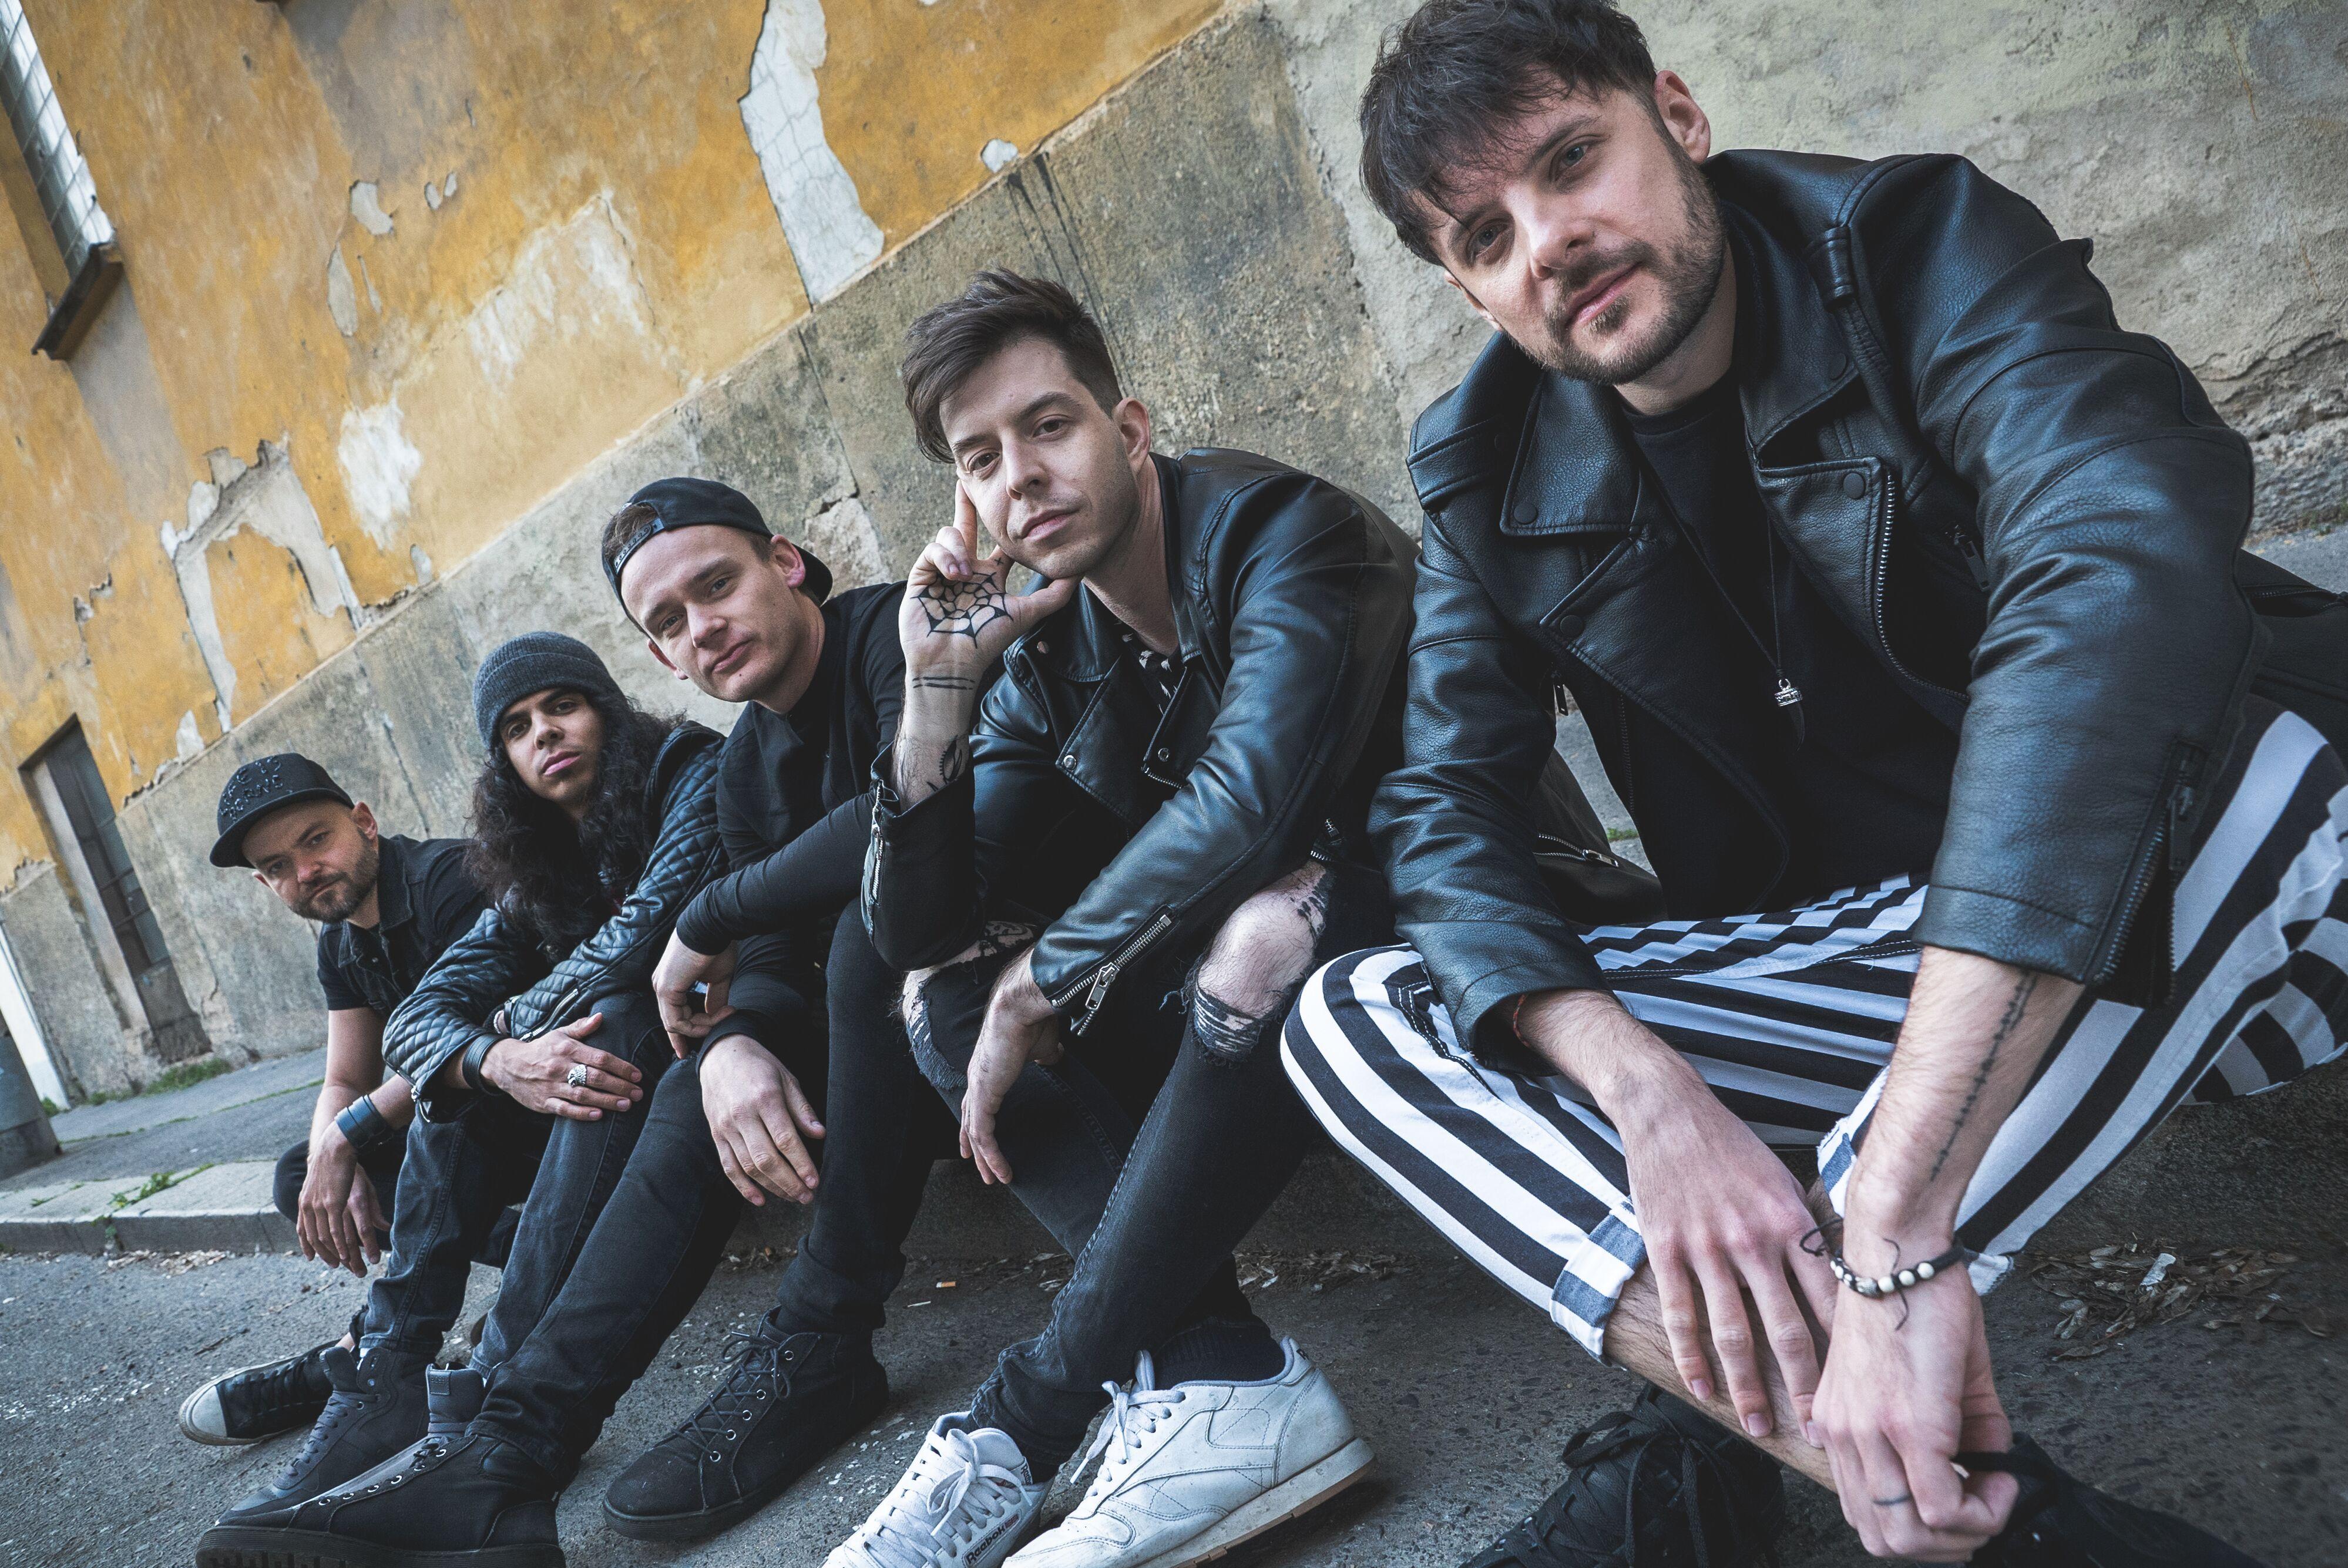 TOP 9 českých hudebních průserů za rok 2017: Vyhození Hentai Corporation z festivalu, machinace výsledků ve Slavíkovi, reorganizace Chinaski